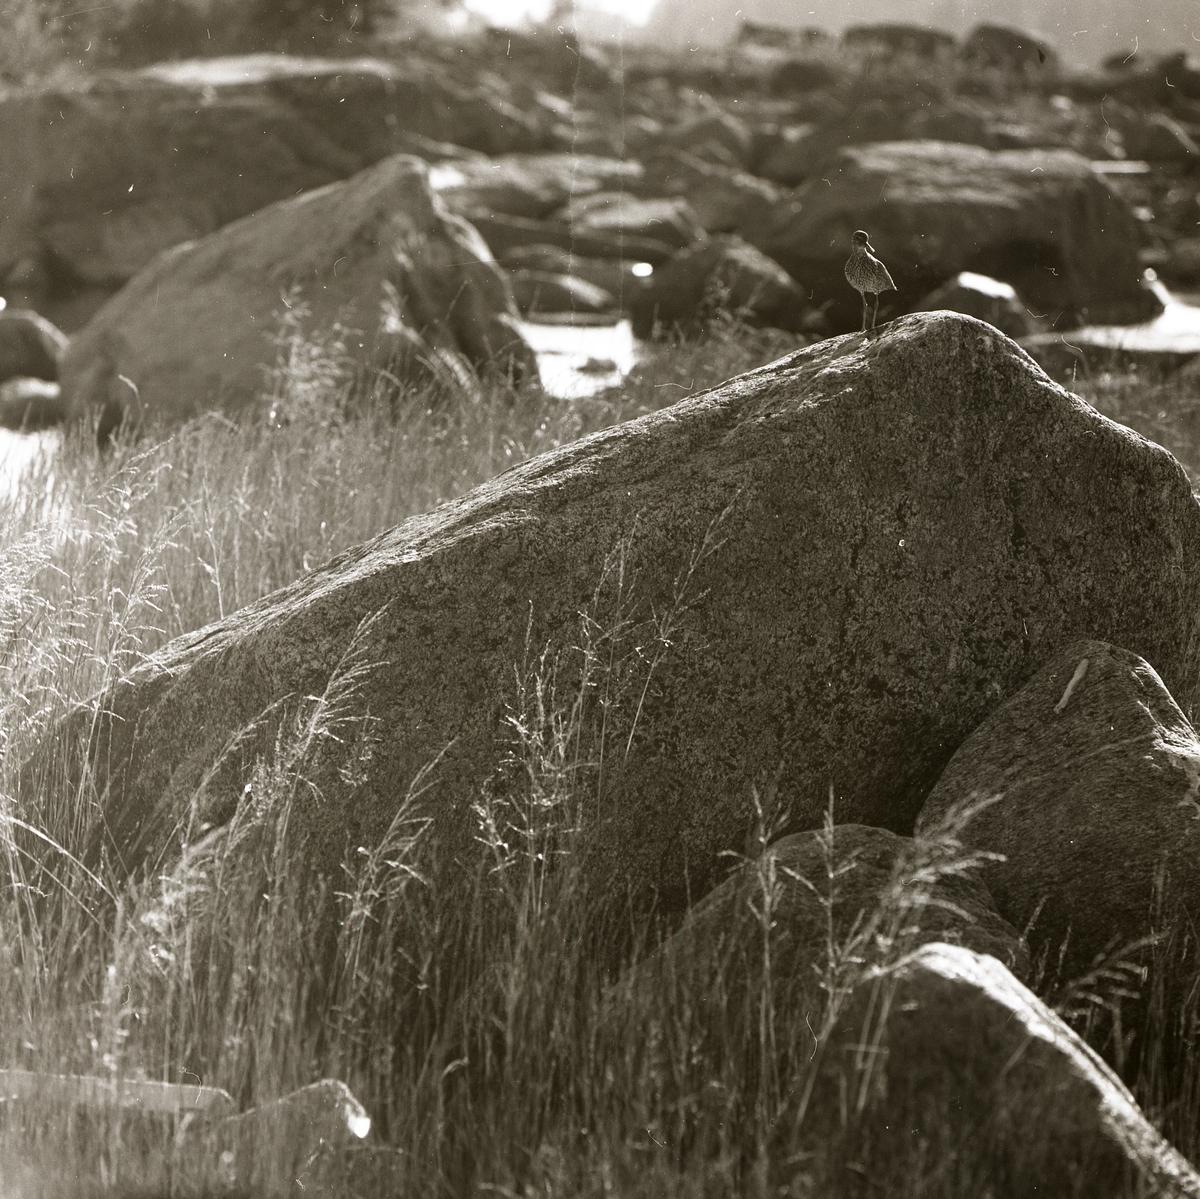 En drillsnäppa står på en sten i Rönnskär, 3 augusti 1969.